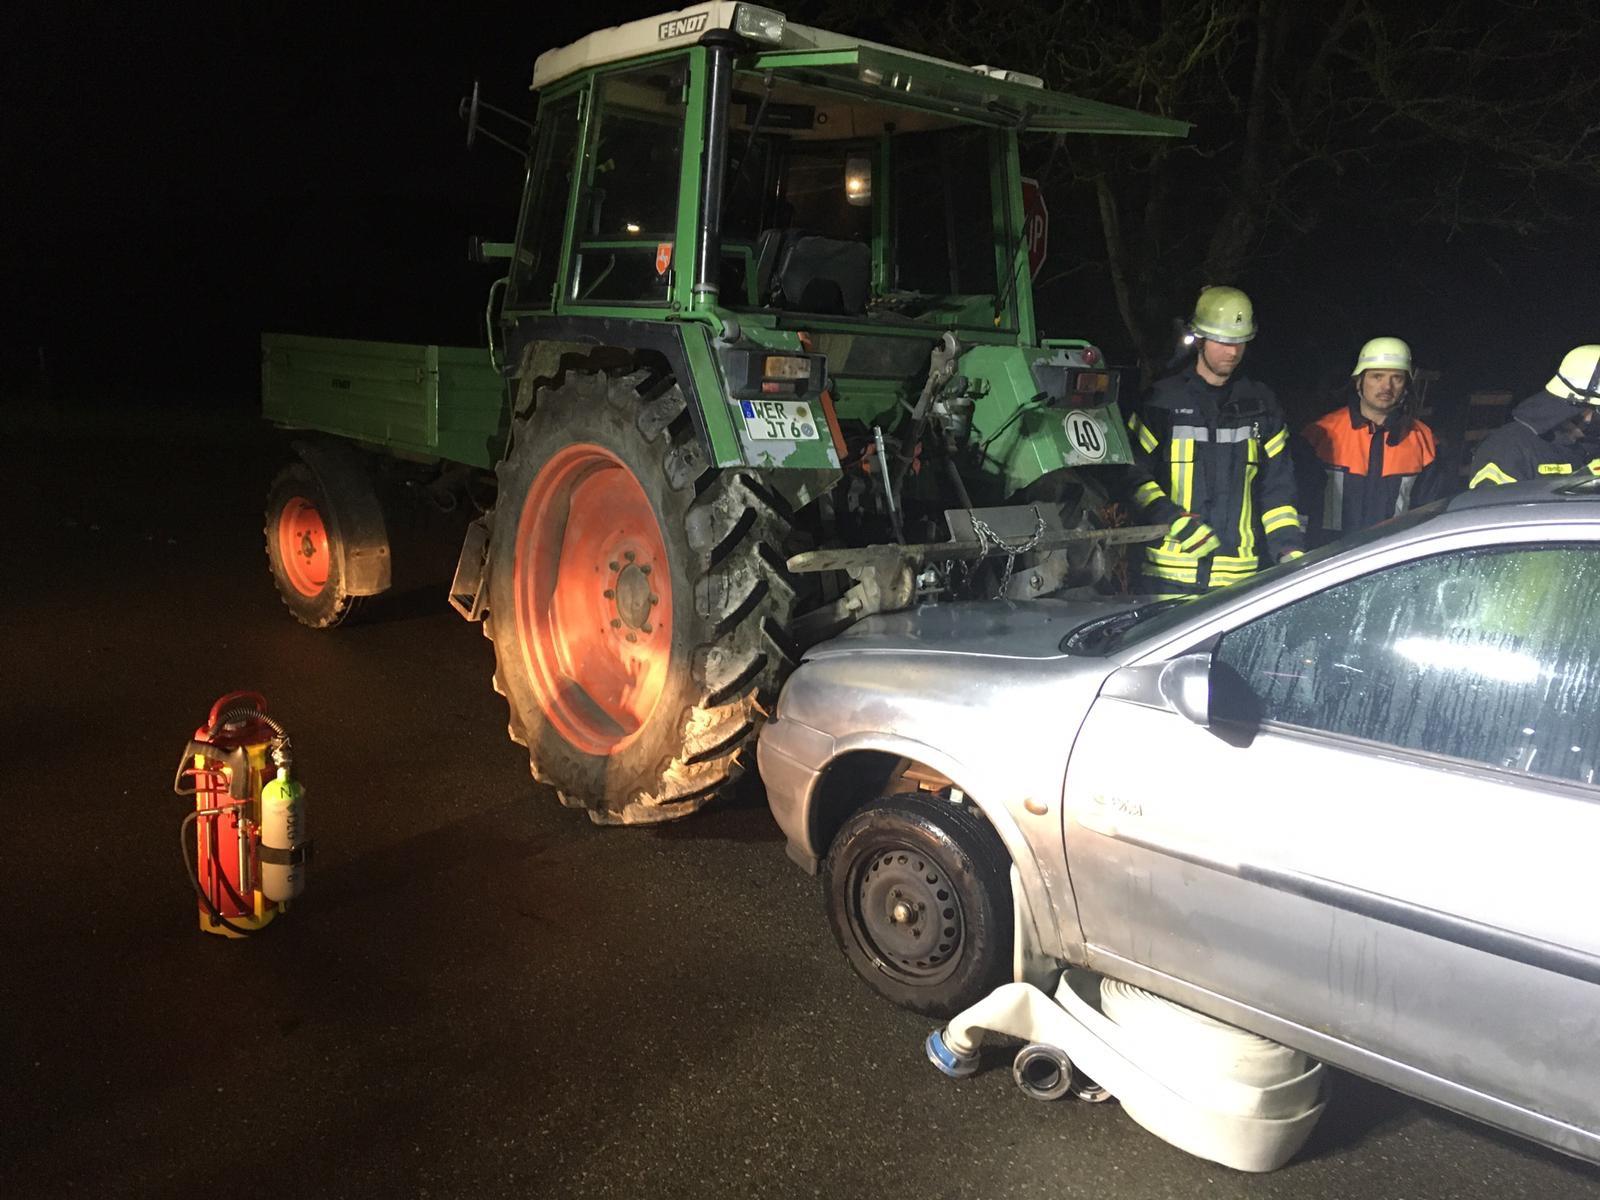 Blick auf das Übungsszenario: Technische Hilfeleistung (THL) bei einem Verkehrsunfall. Übungsobjekt: ein Schrottauto (Opel Corsa) das auf einen Traktor aufgefahren ist.